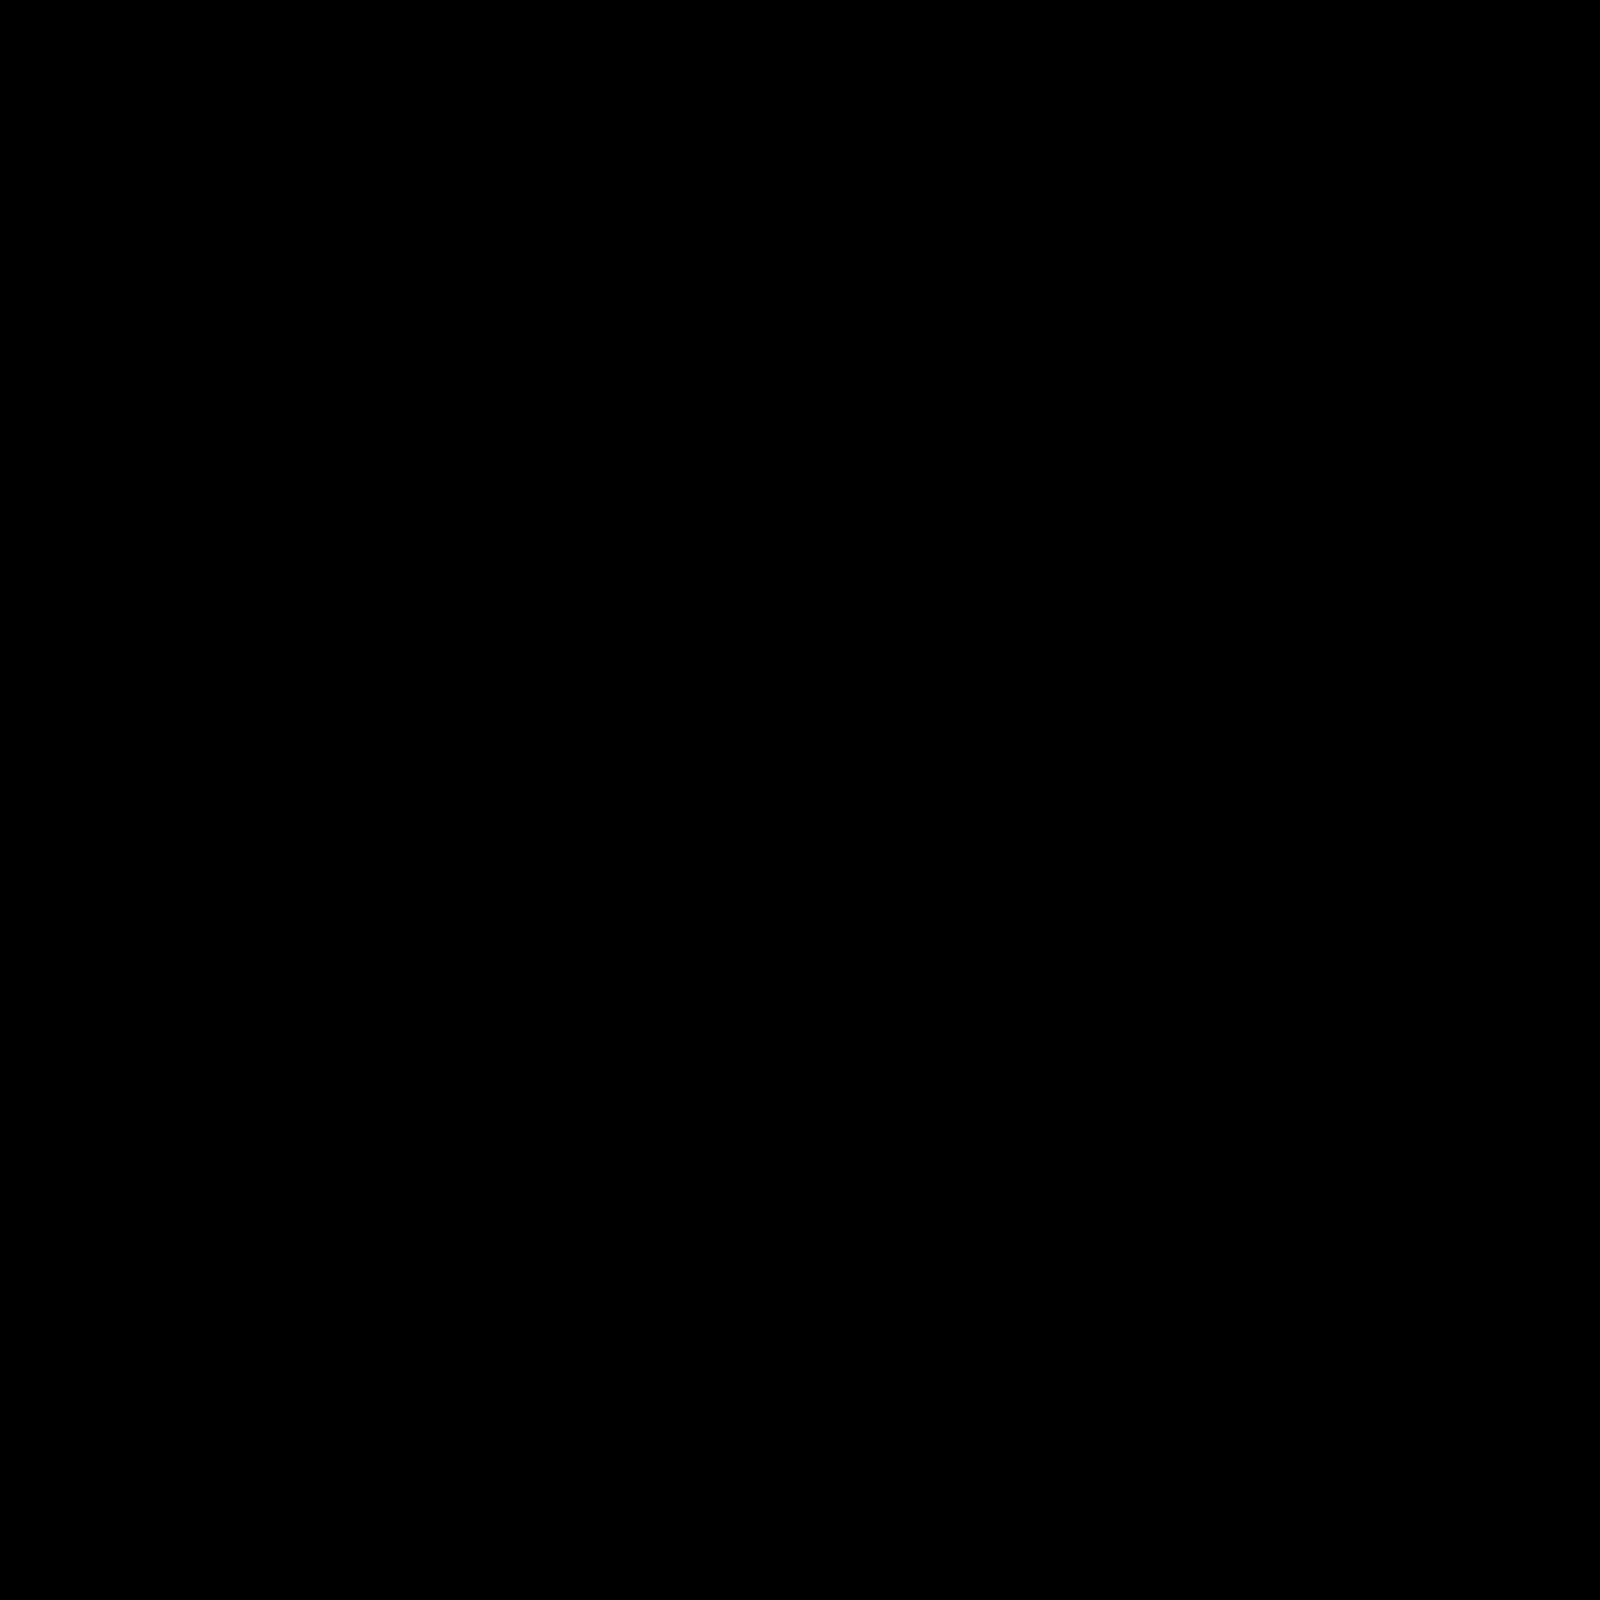 Иконка 150 stopni - скачать бесплатно в PNG и векторе fc1147afb9c